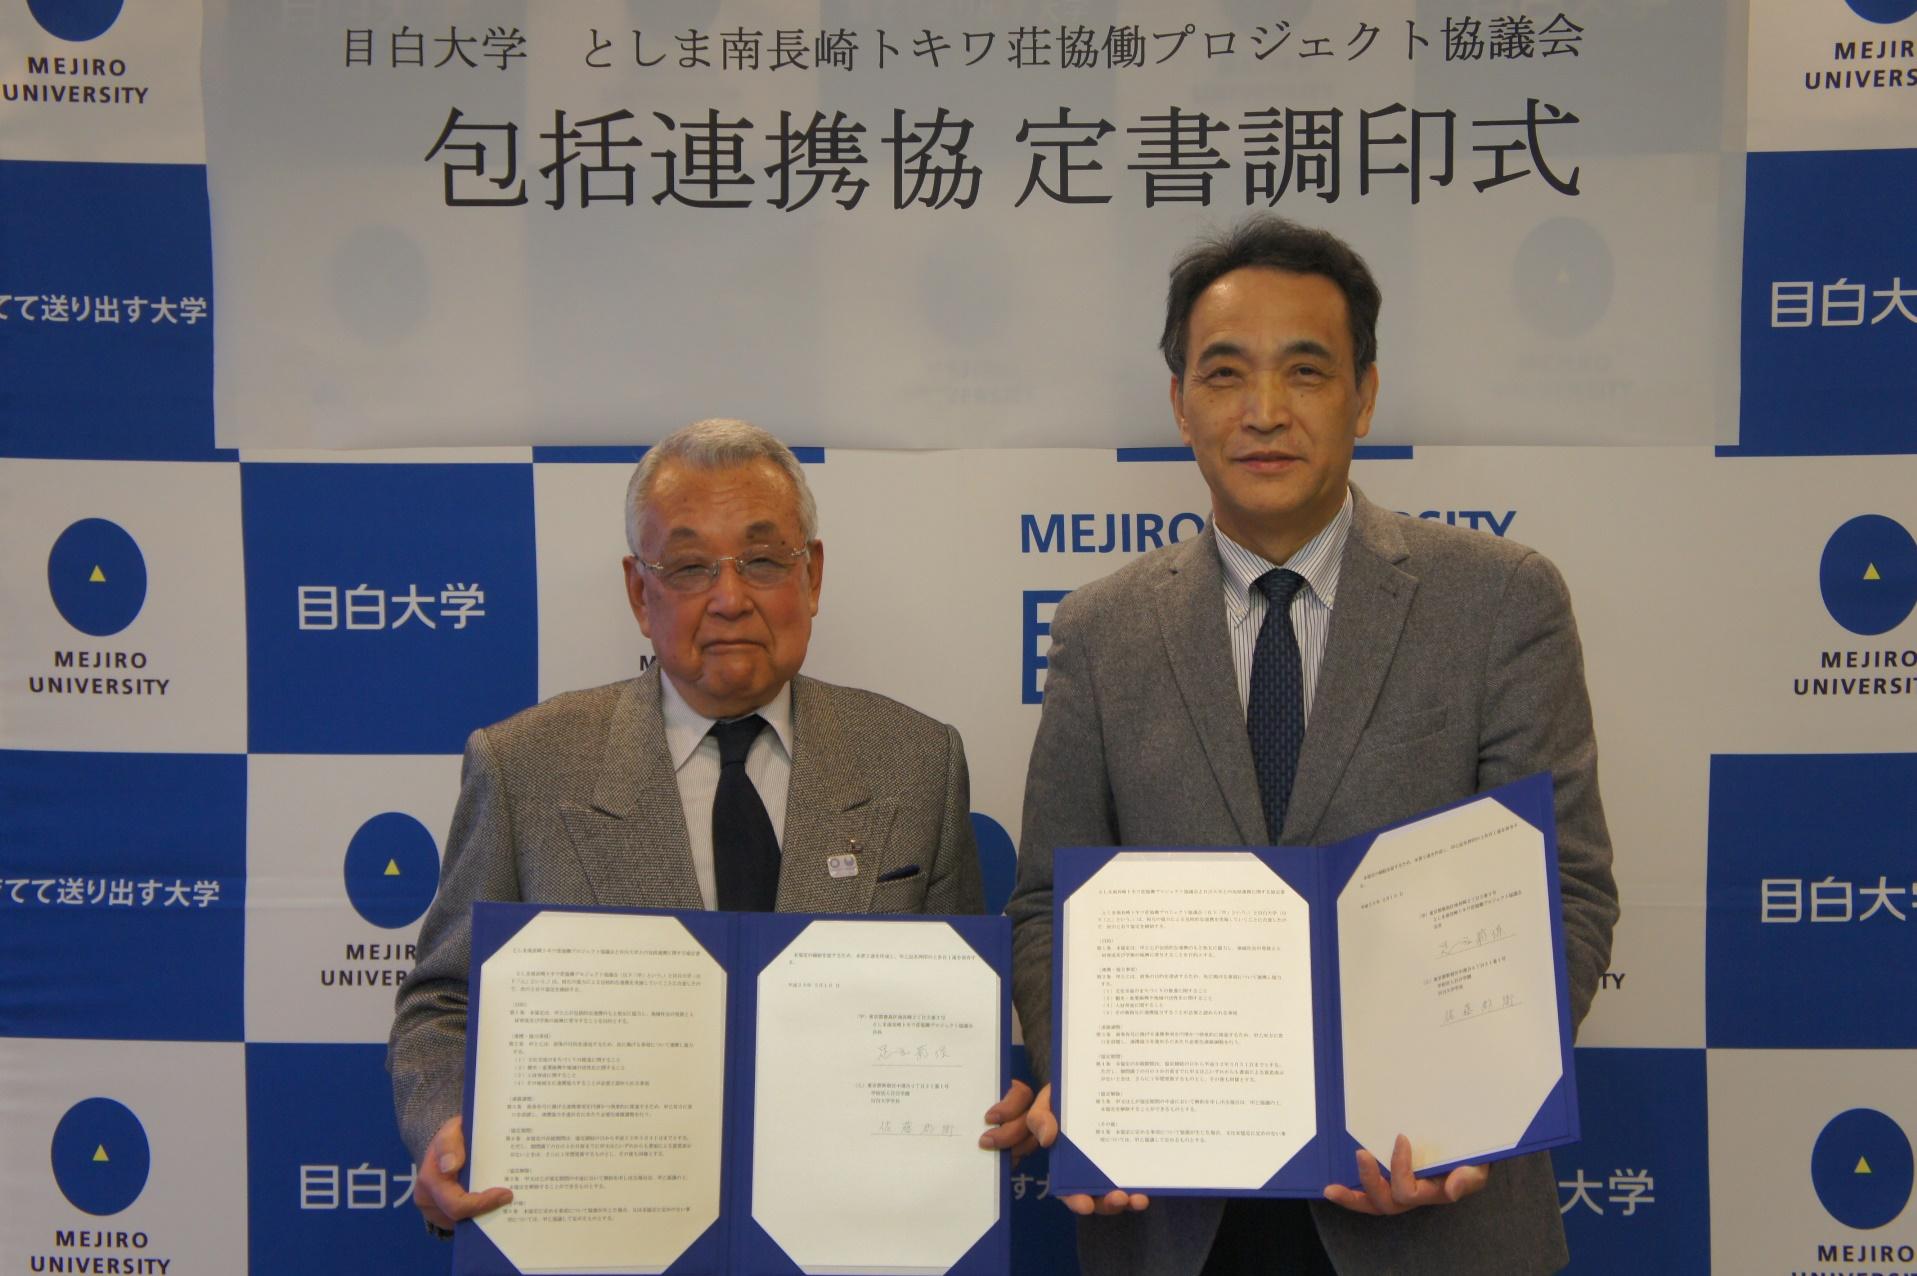 目白大学がとしま南長崎トキワ荘協働プロジェクト協議会と包括連携協定を締結